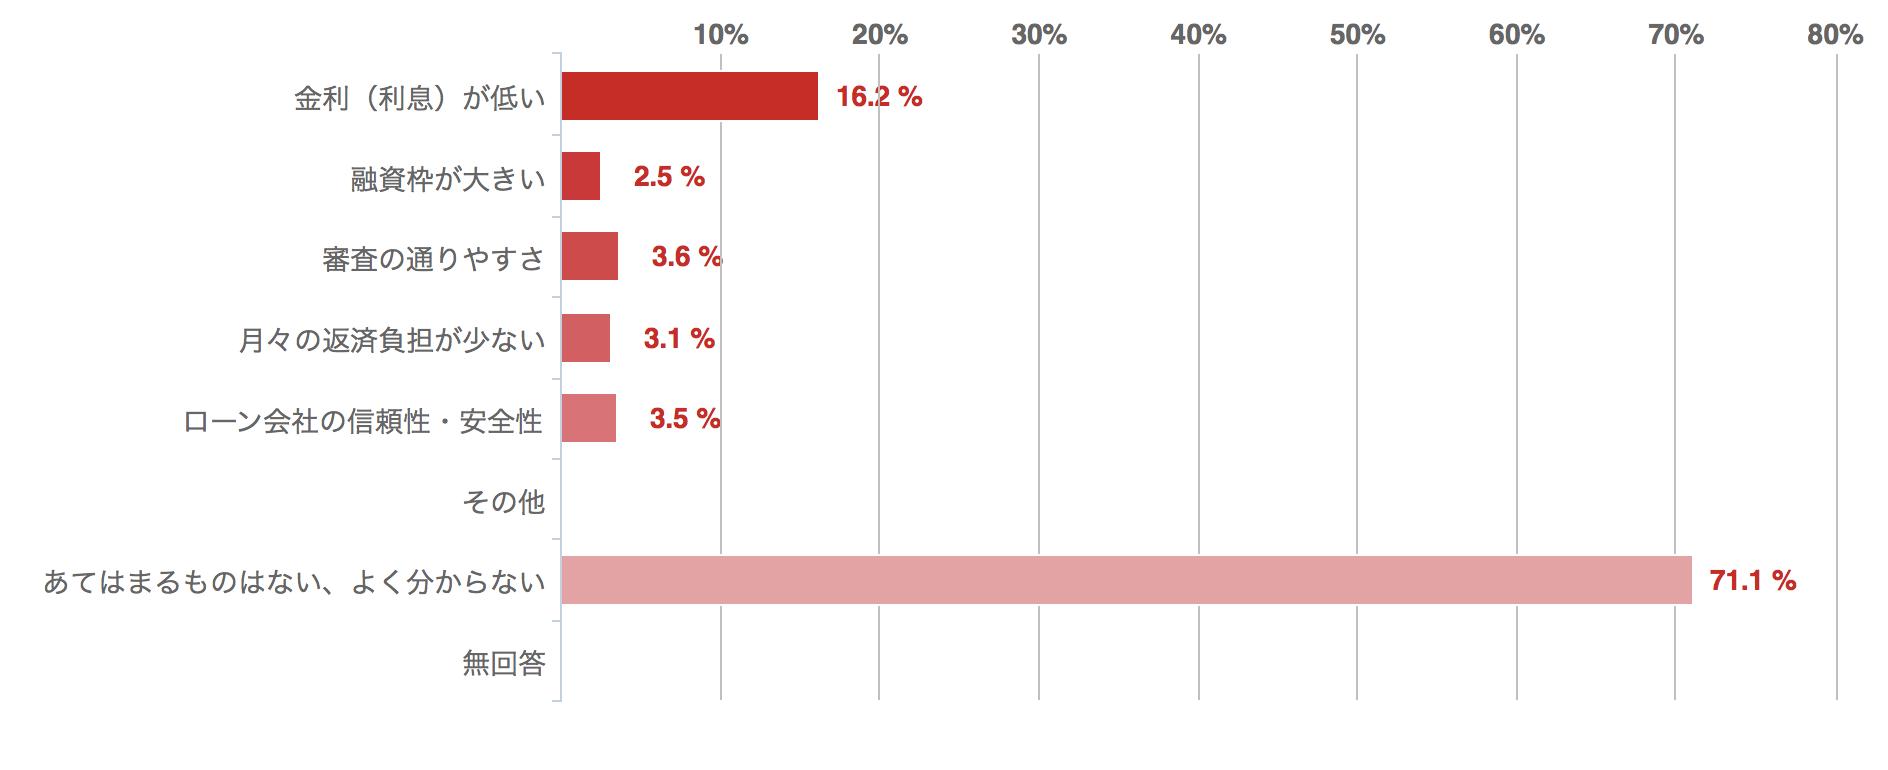 あなたがビジネスローンに期待することは何ですか?回答グラフ